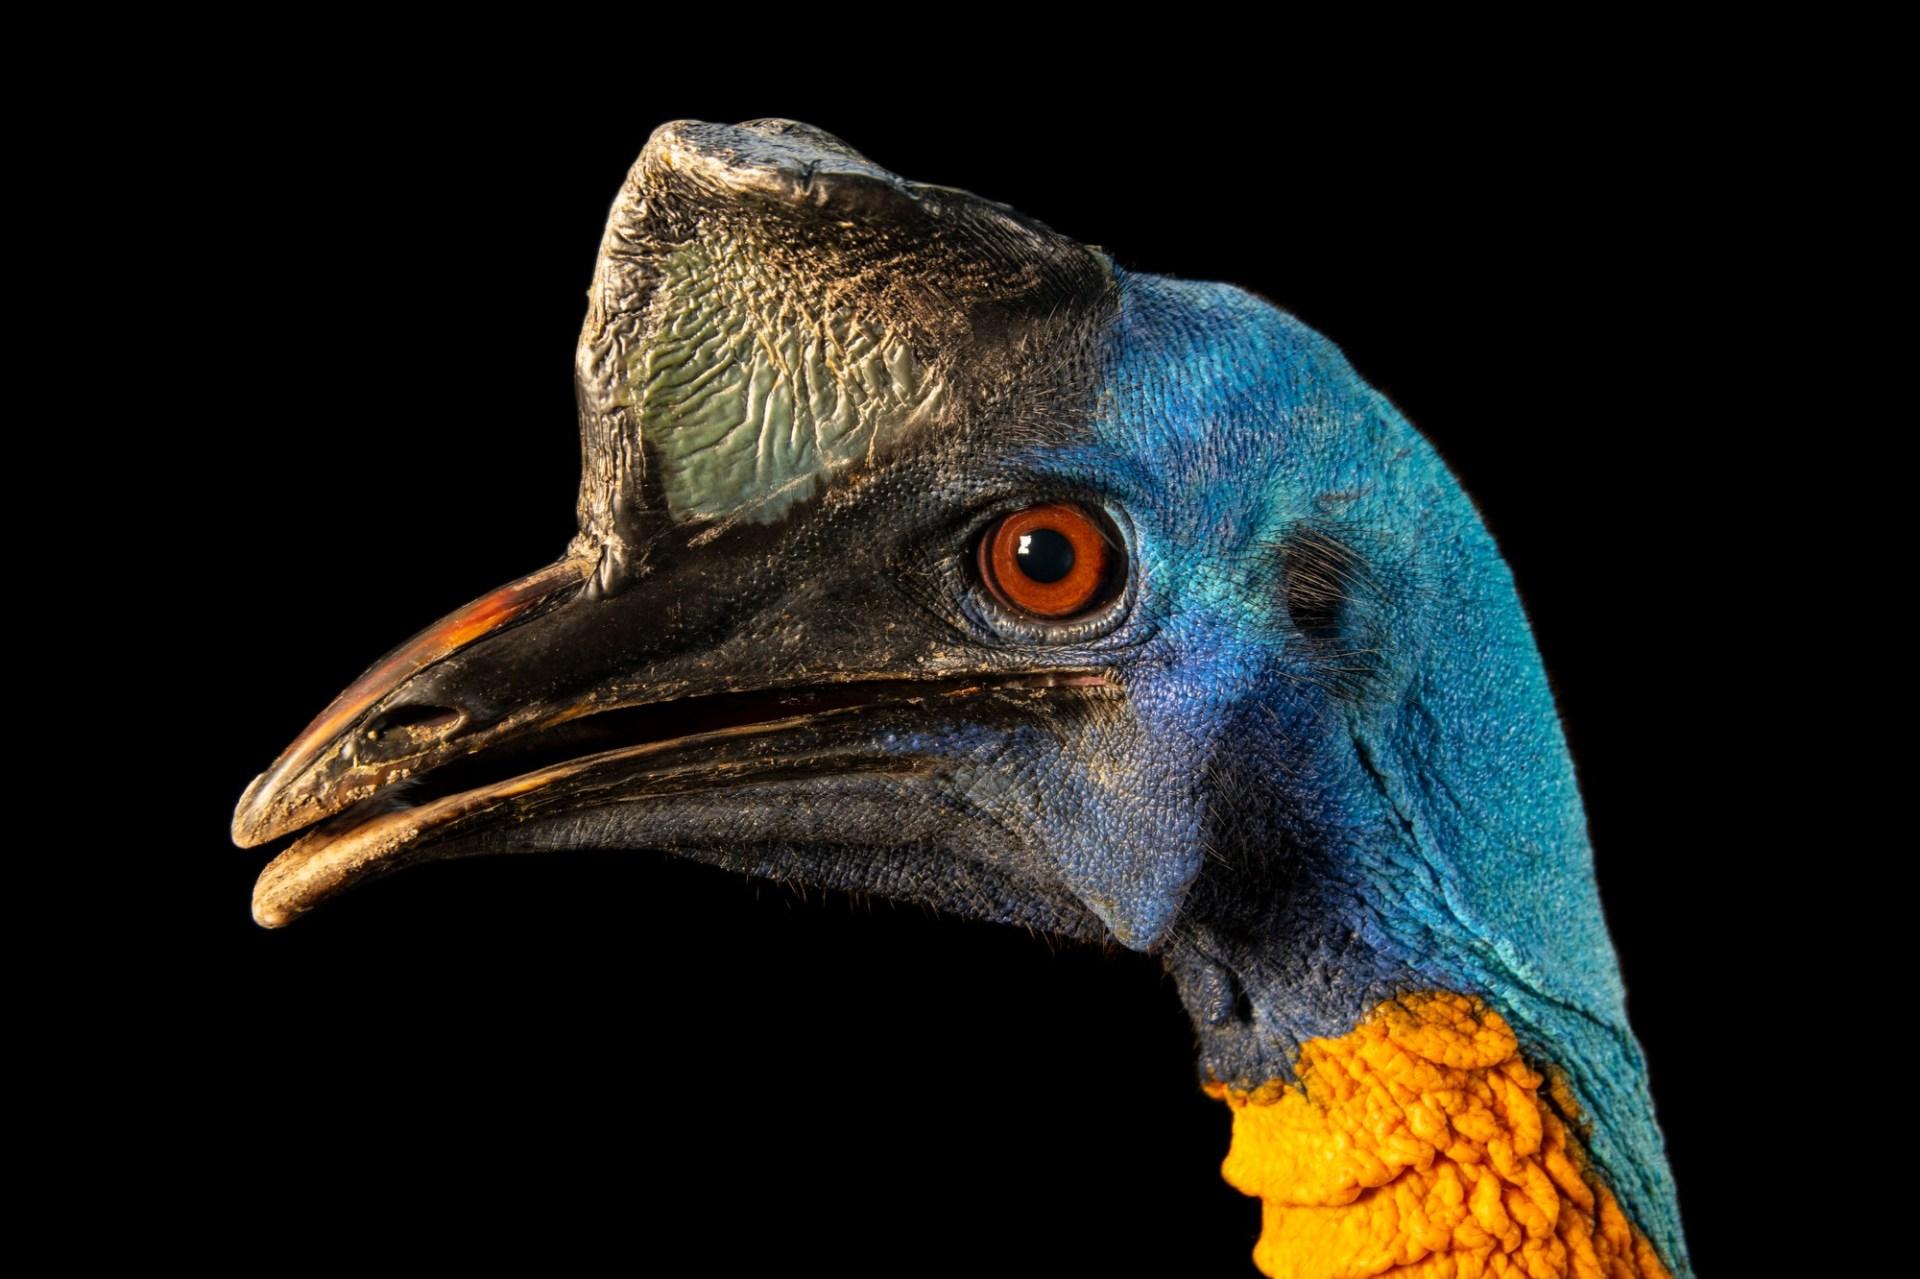 Photo: Single wattled cassowary (Casuarius unappendiculatus unappendiculatus) at Avilon Zoo.